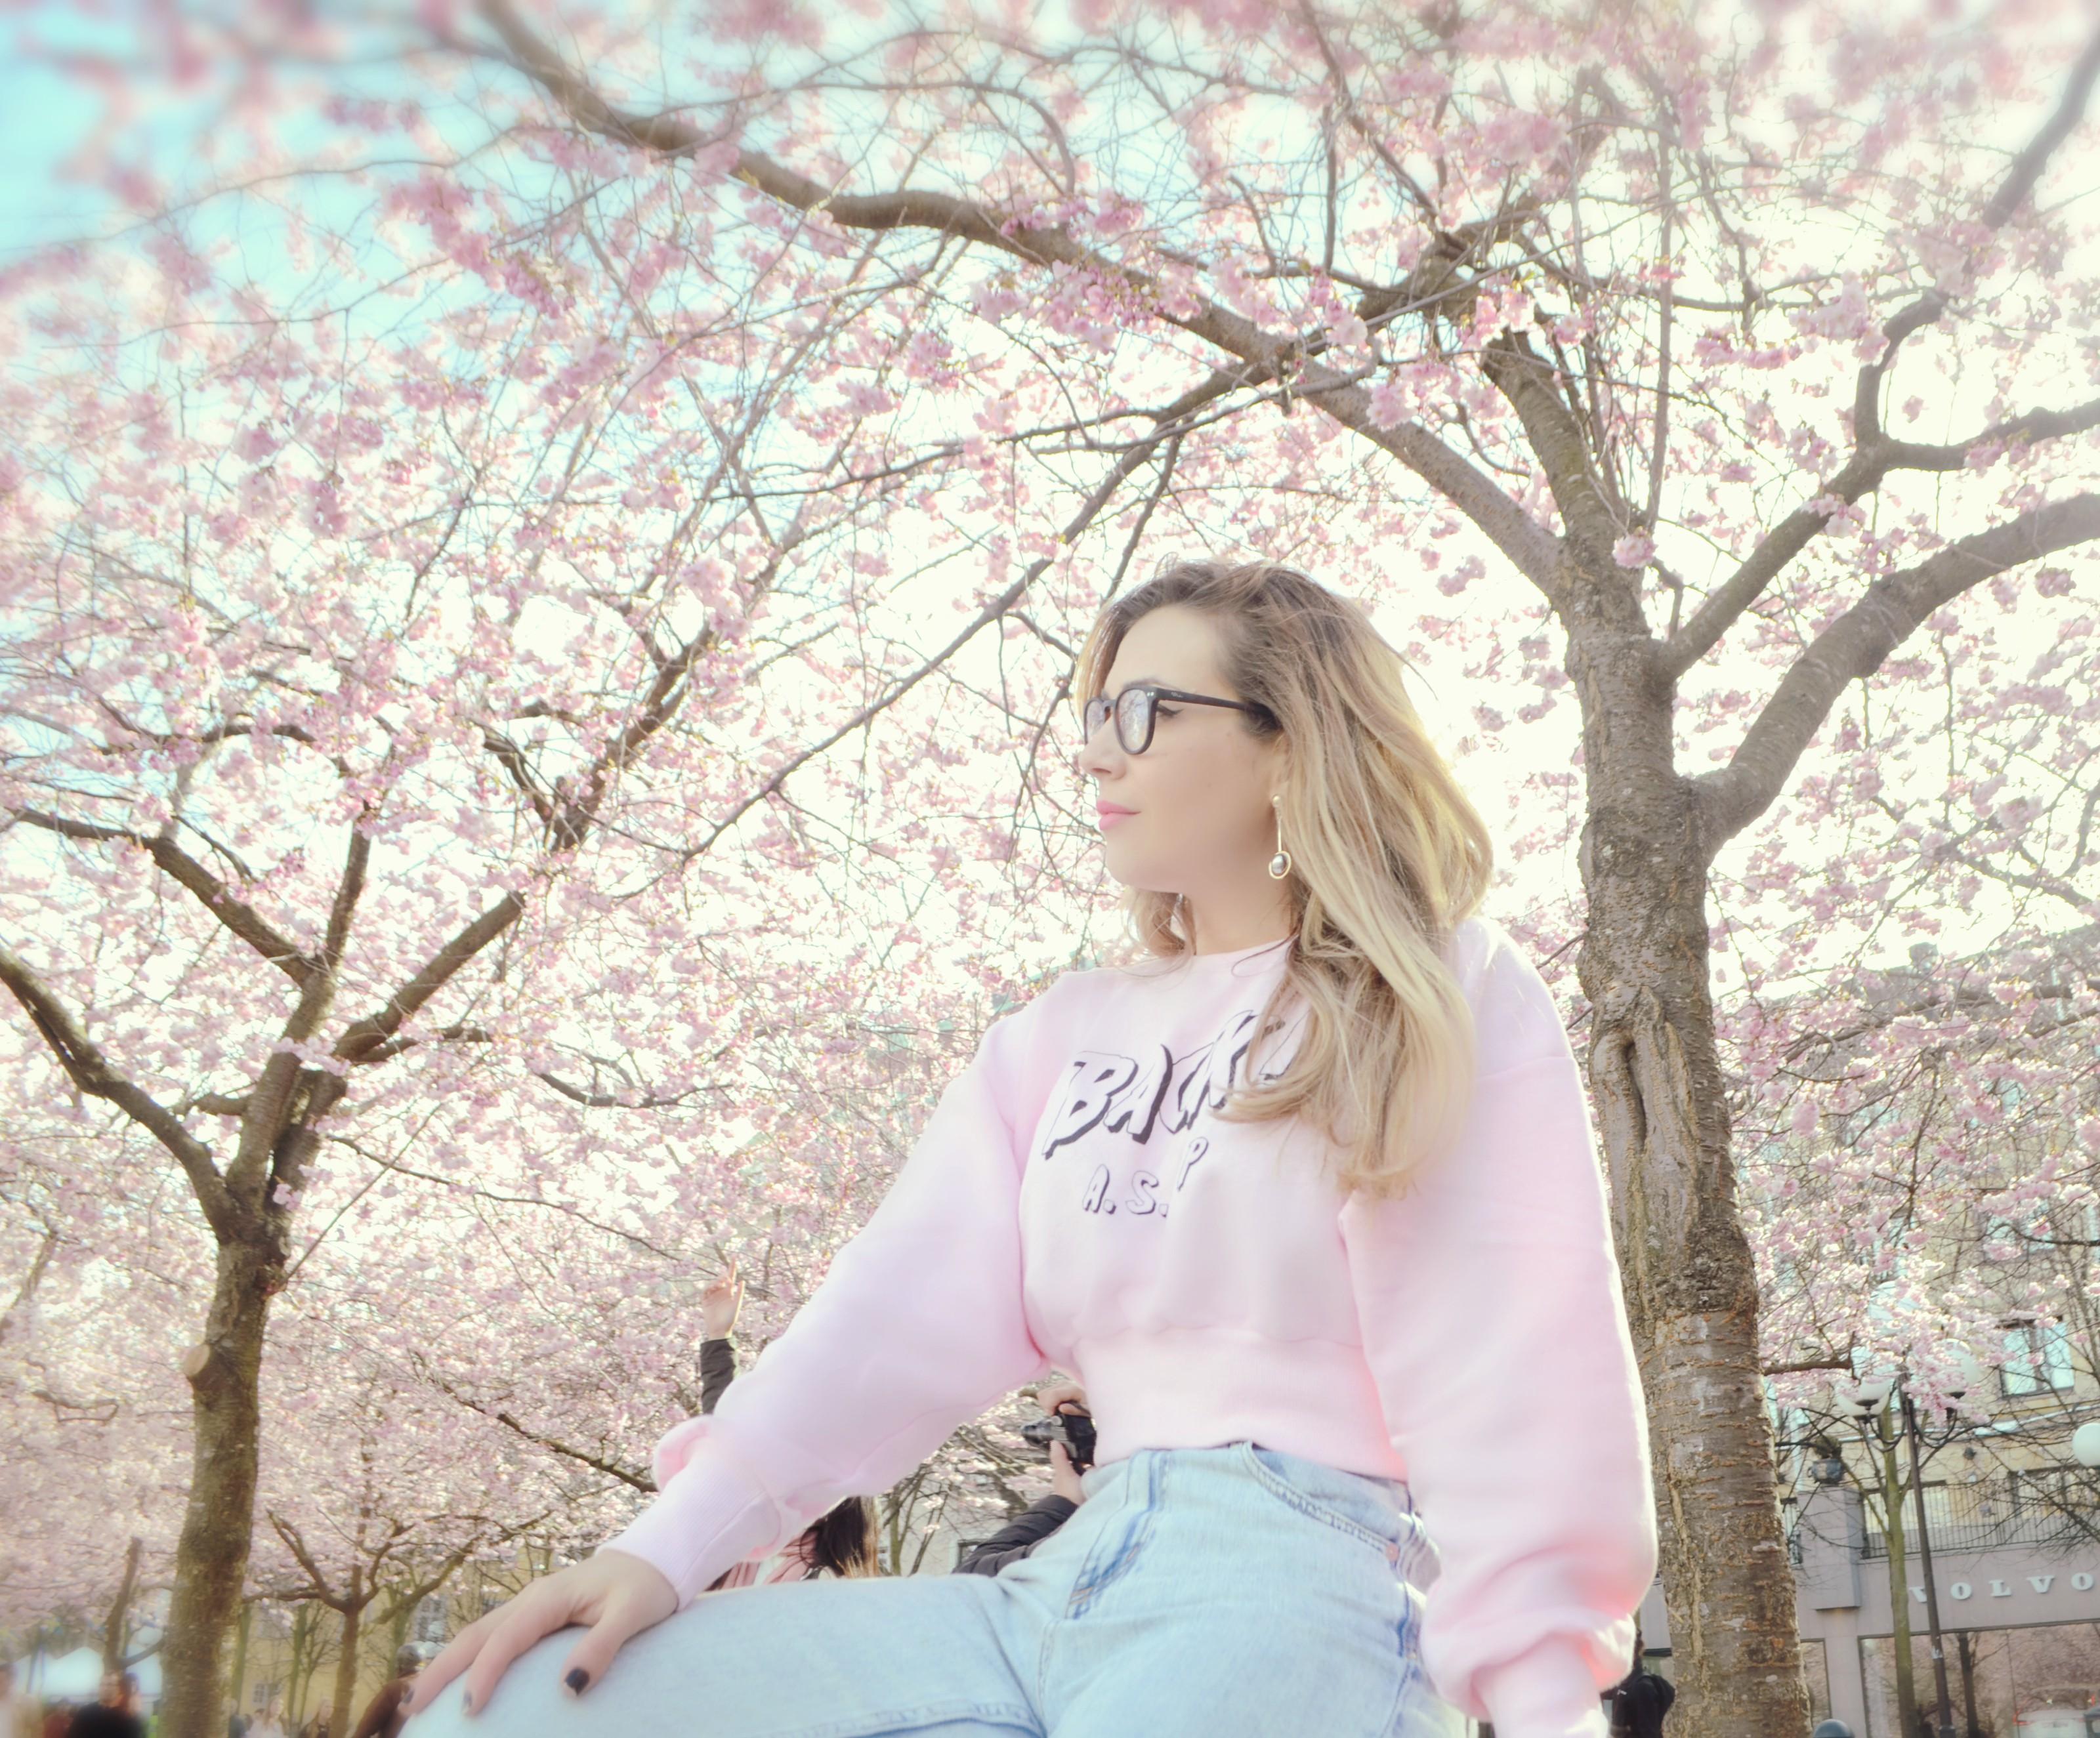 The-90s-look-blog-de-moda-ChicAdicta-fashionista-outfit-rosa-Zara-Chic-Adicta-primavera-en-estocolmo-Piensa-en-Chic-PiensaenChic